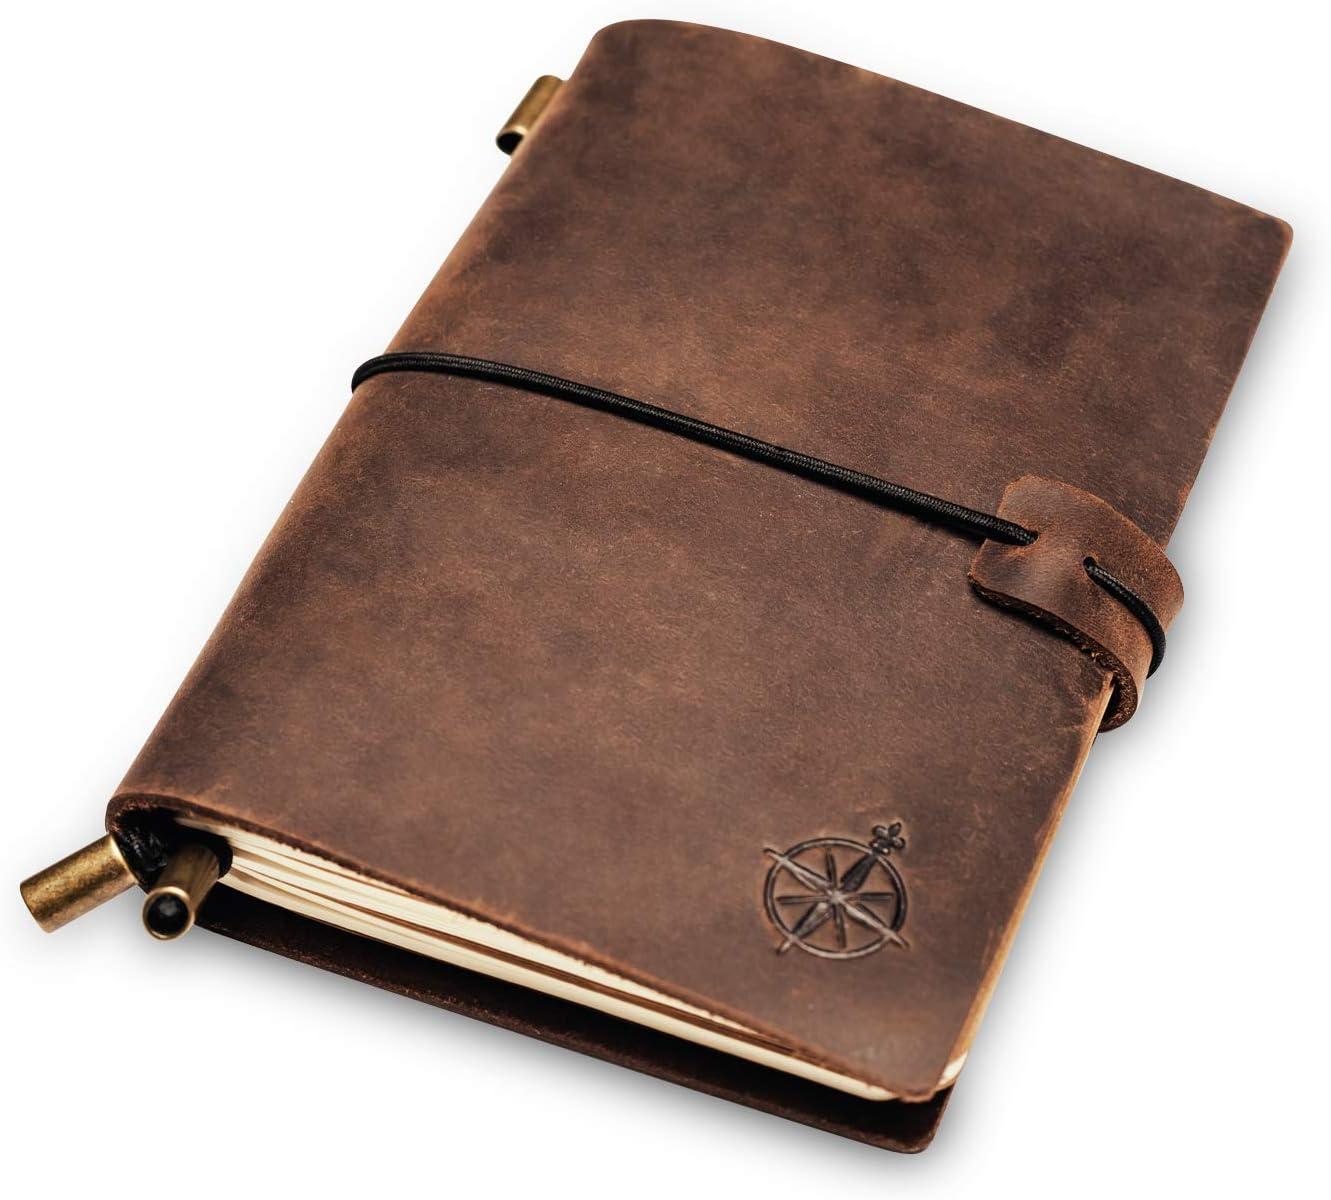 Cuaderno de Bolsillo en Cuero. Diario de Viajes Recargable, Perfecto para Escribir, Regalos, Viajeros, Profesionales, Diarios. Estilo Clásico Vintage | Travel Diary | 12.5 x 9cm